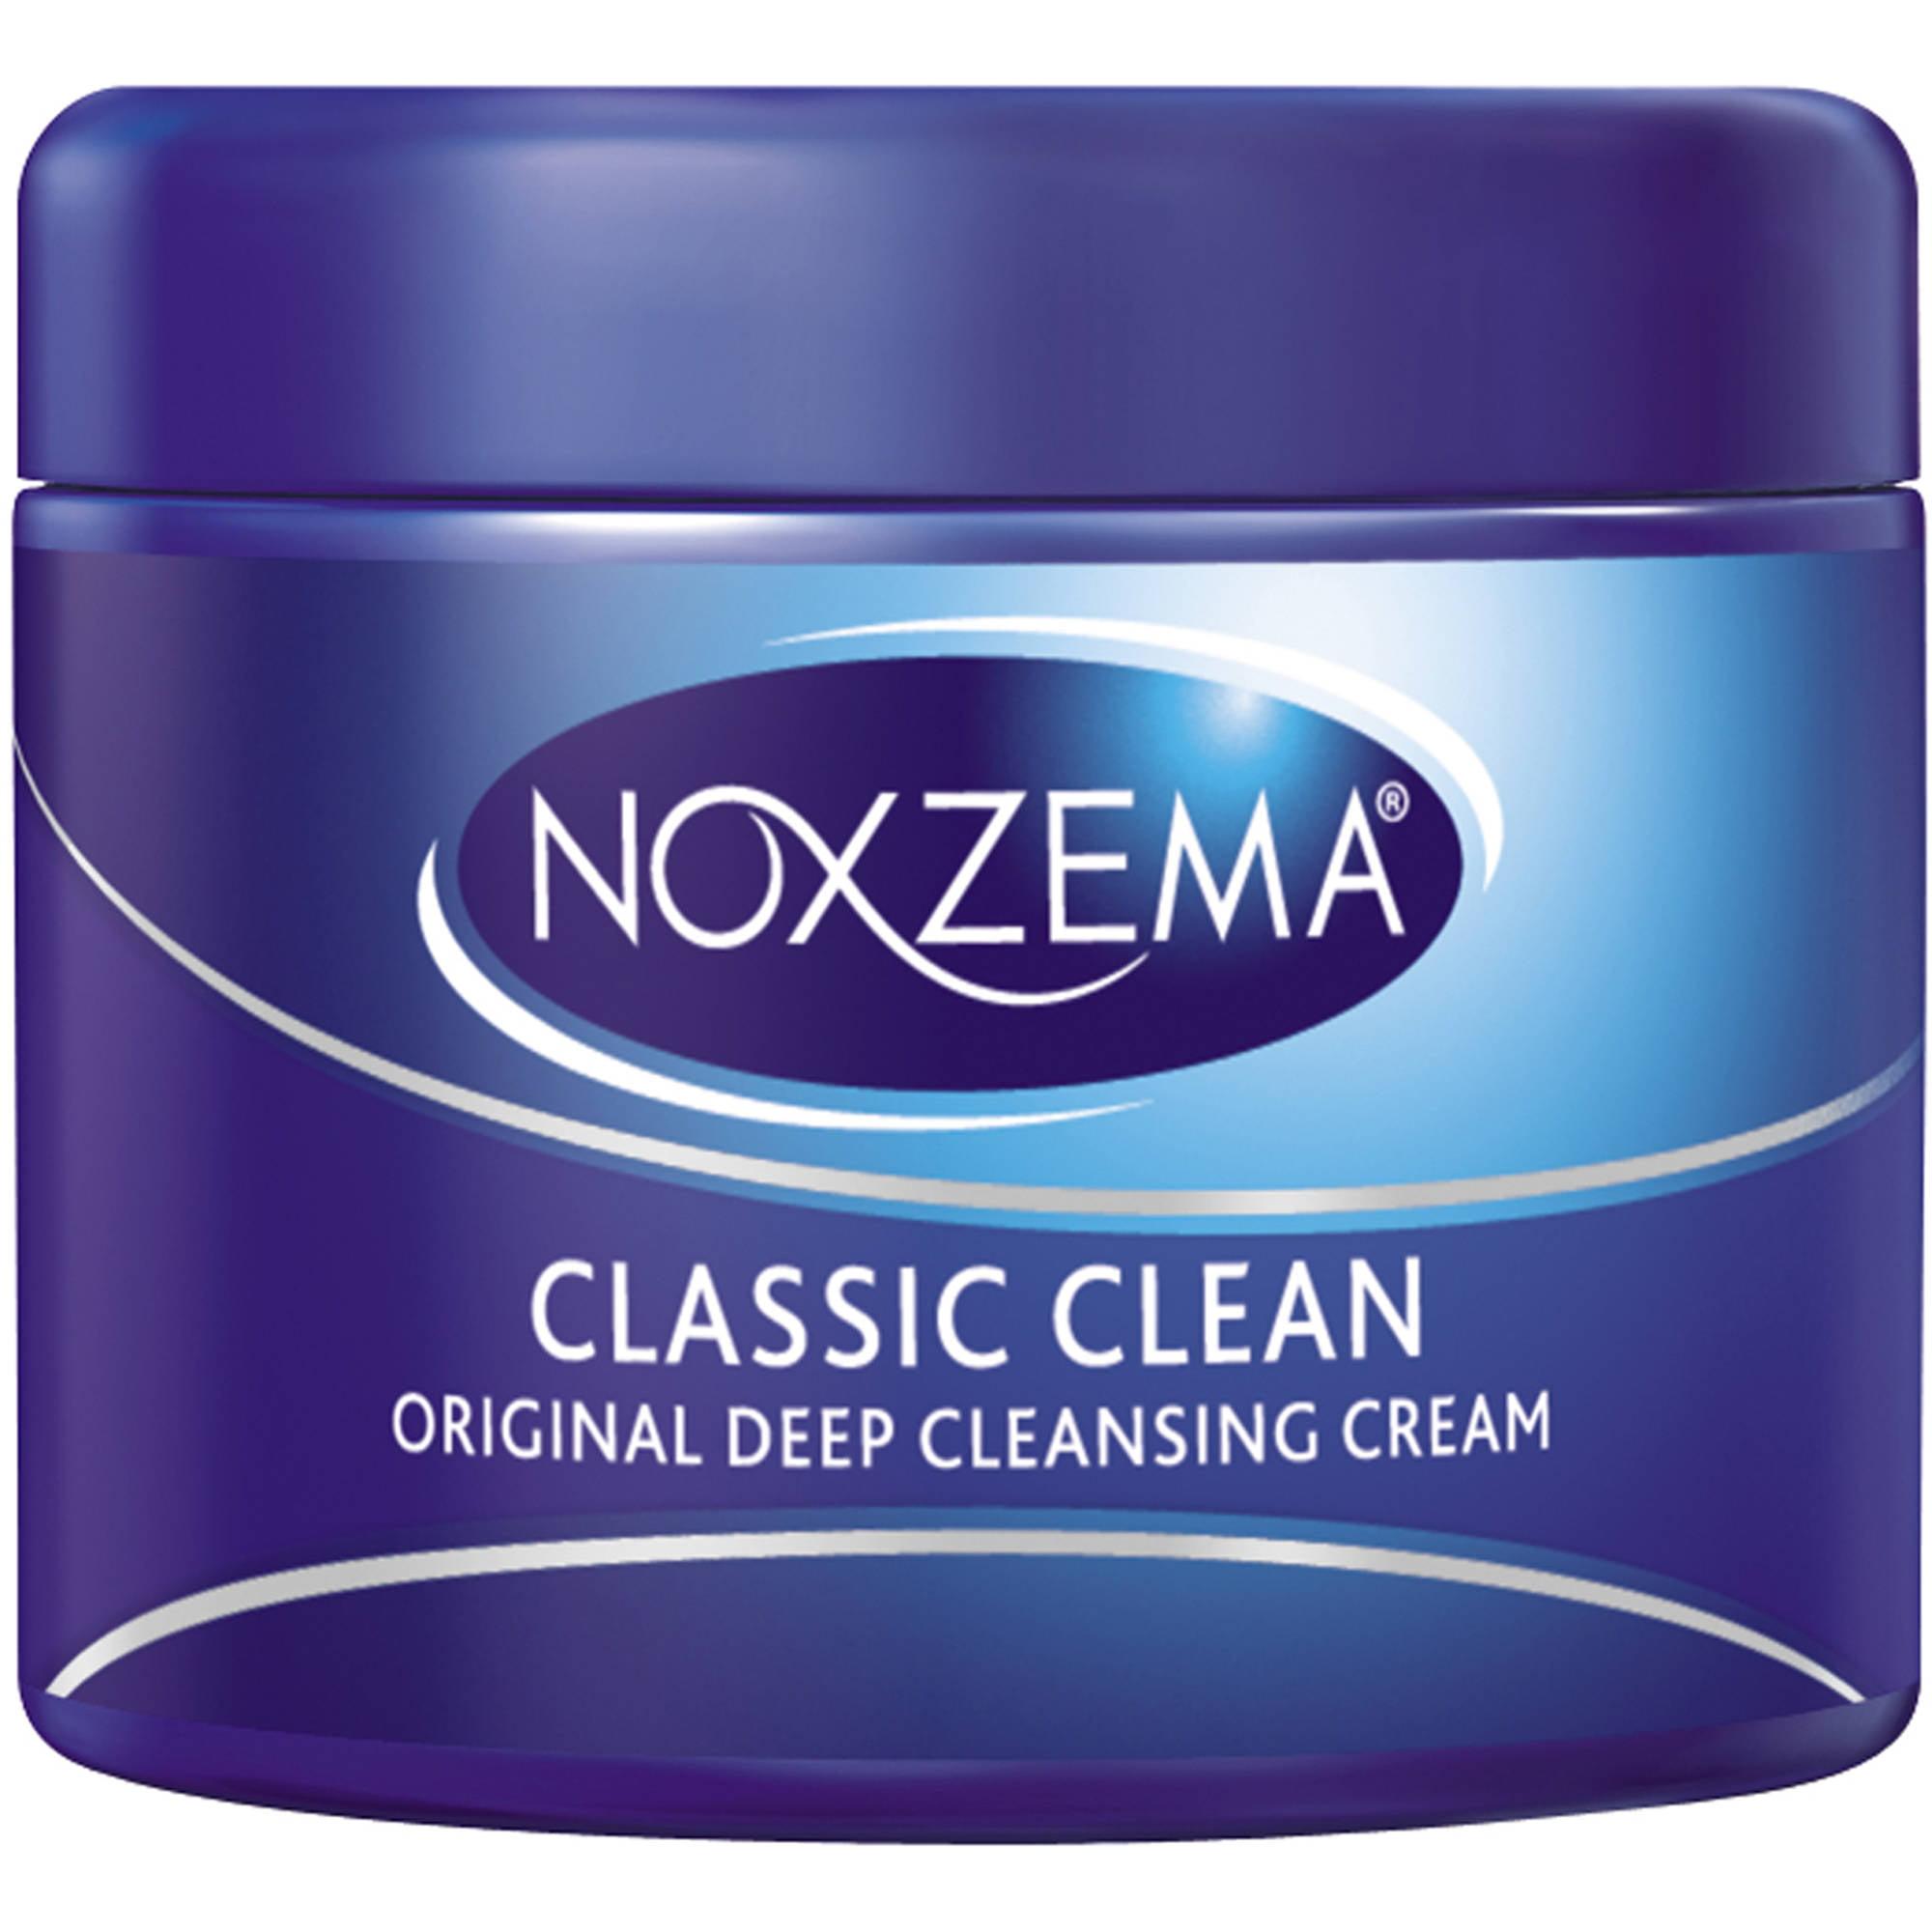 Noxzema Classic Clean Original Deep Cleansing Cream, 2 fl oz